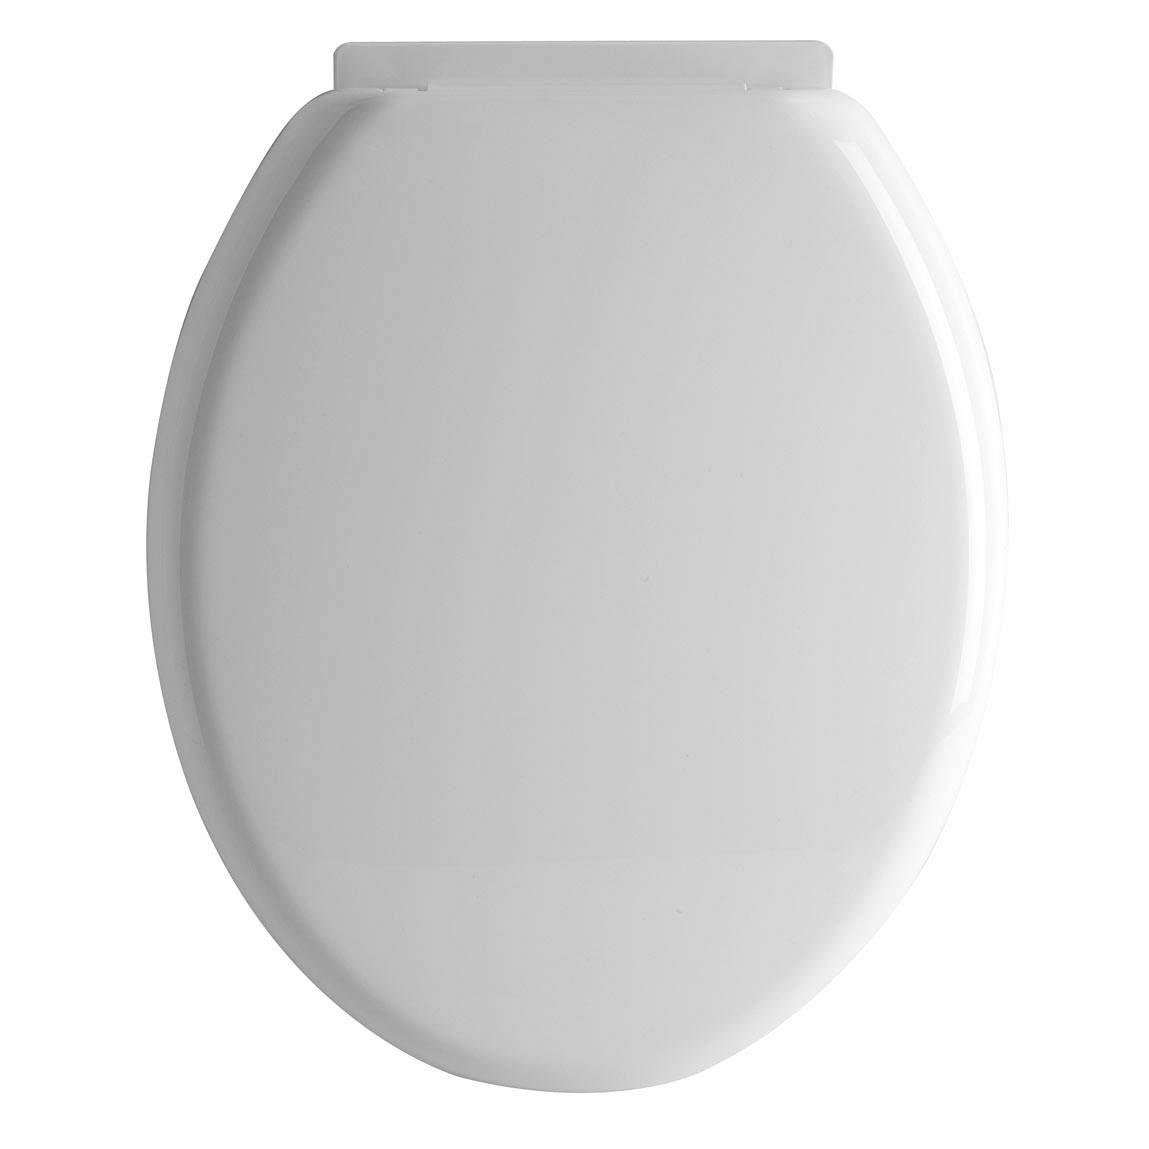 toilet seat top view. Toilet Top View Seat To Pinterest